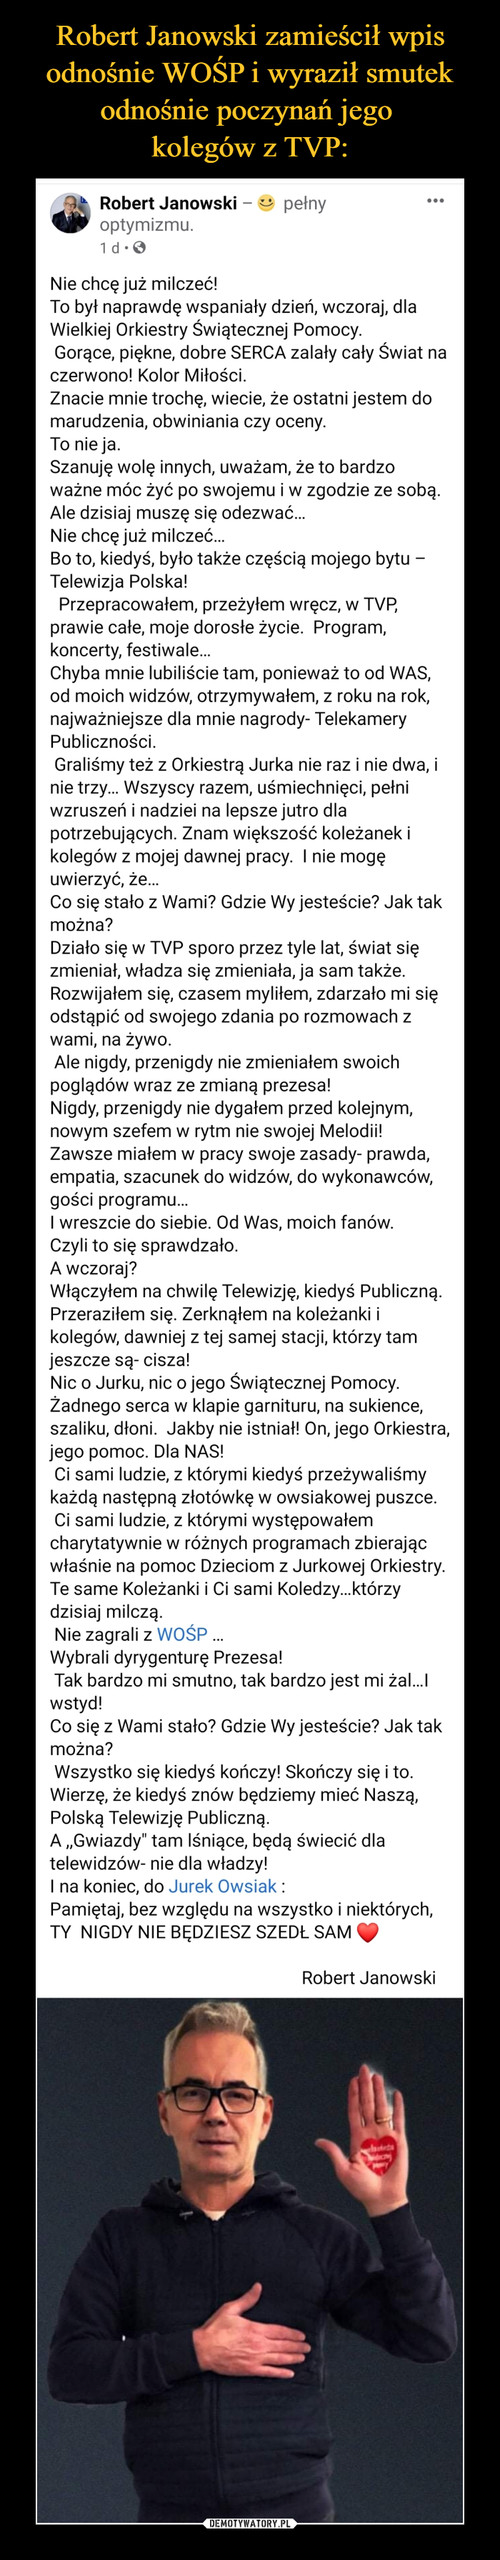 Robert Janowski zamieścił wpis odnośnie WOŚP i wyraził smutek odnośnie poczynań jego  kolegów z TVP: